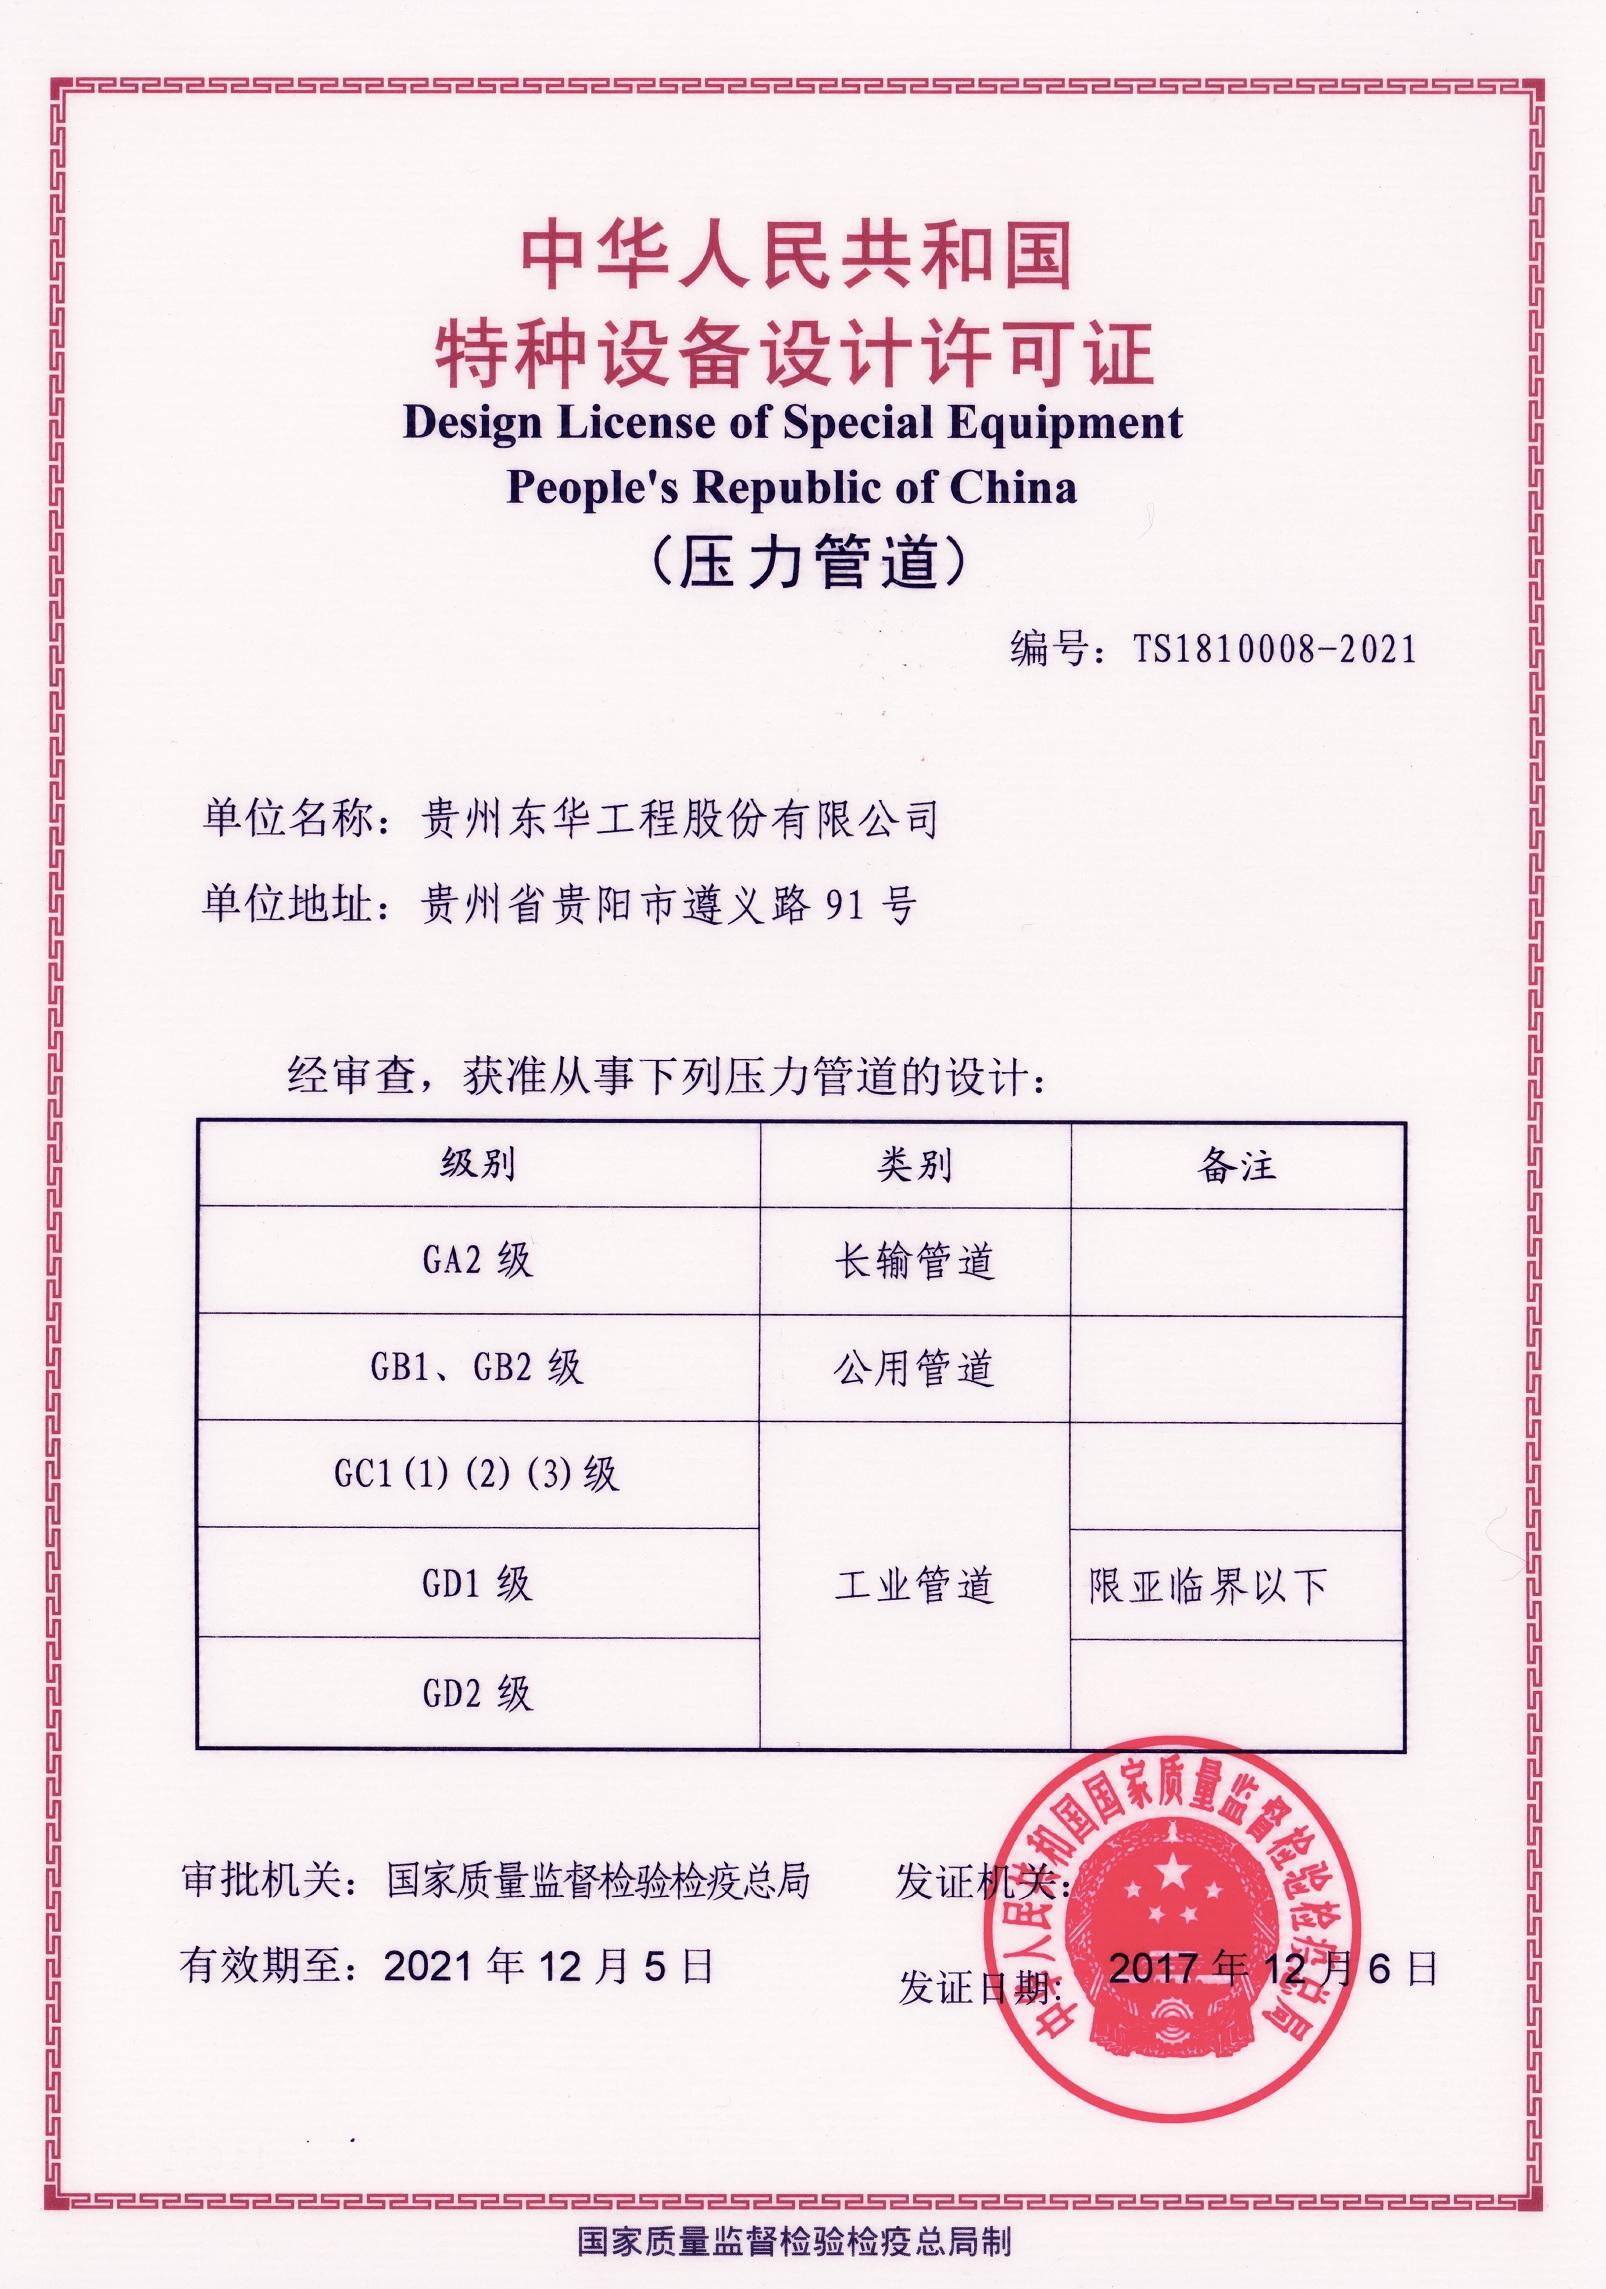 压力管道设计许可证